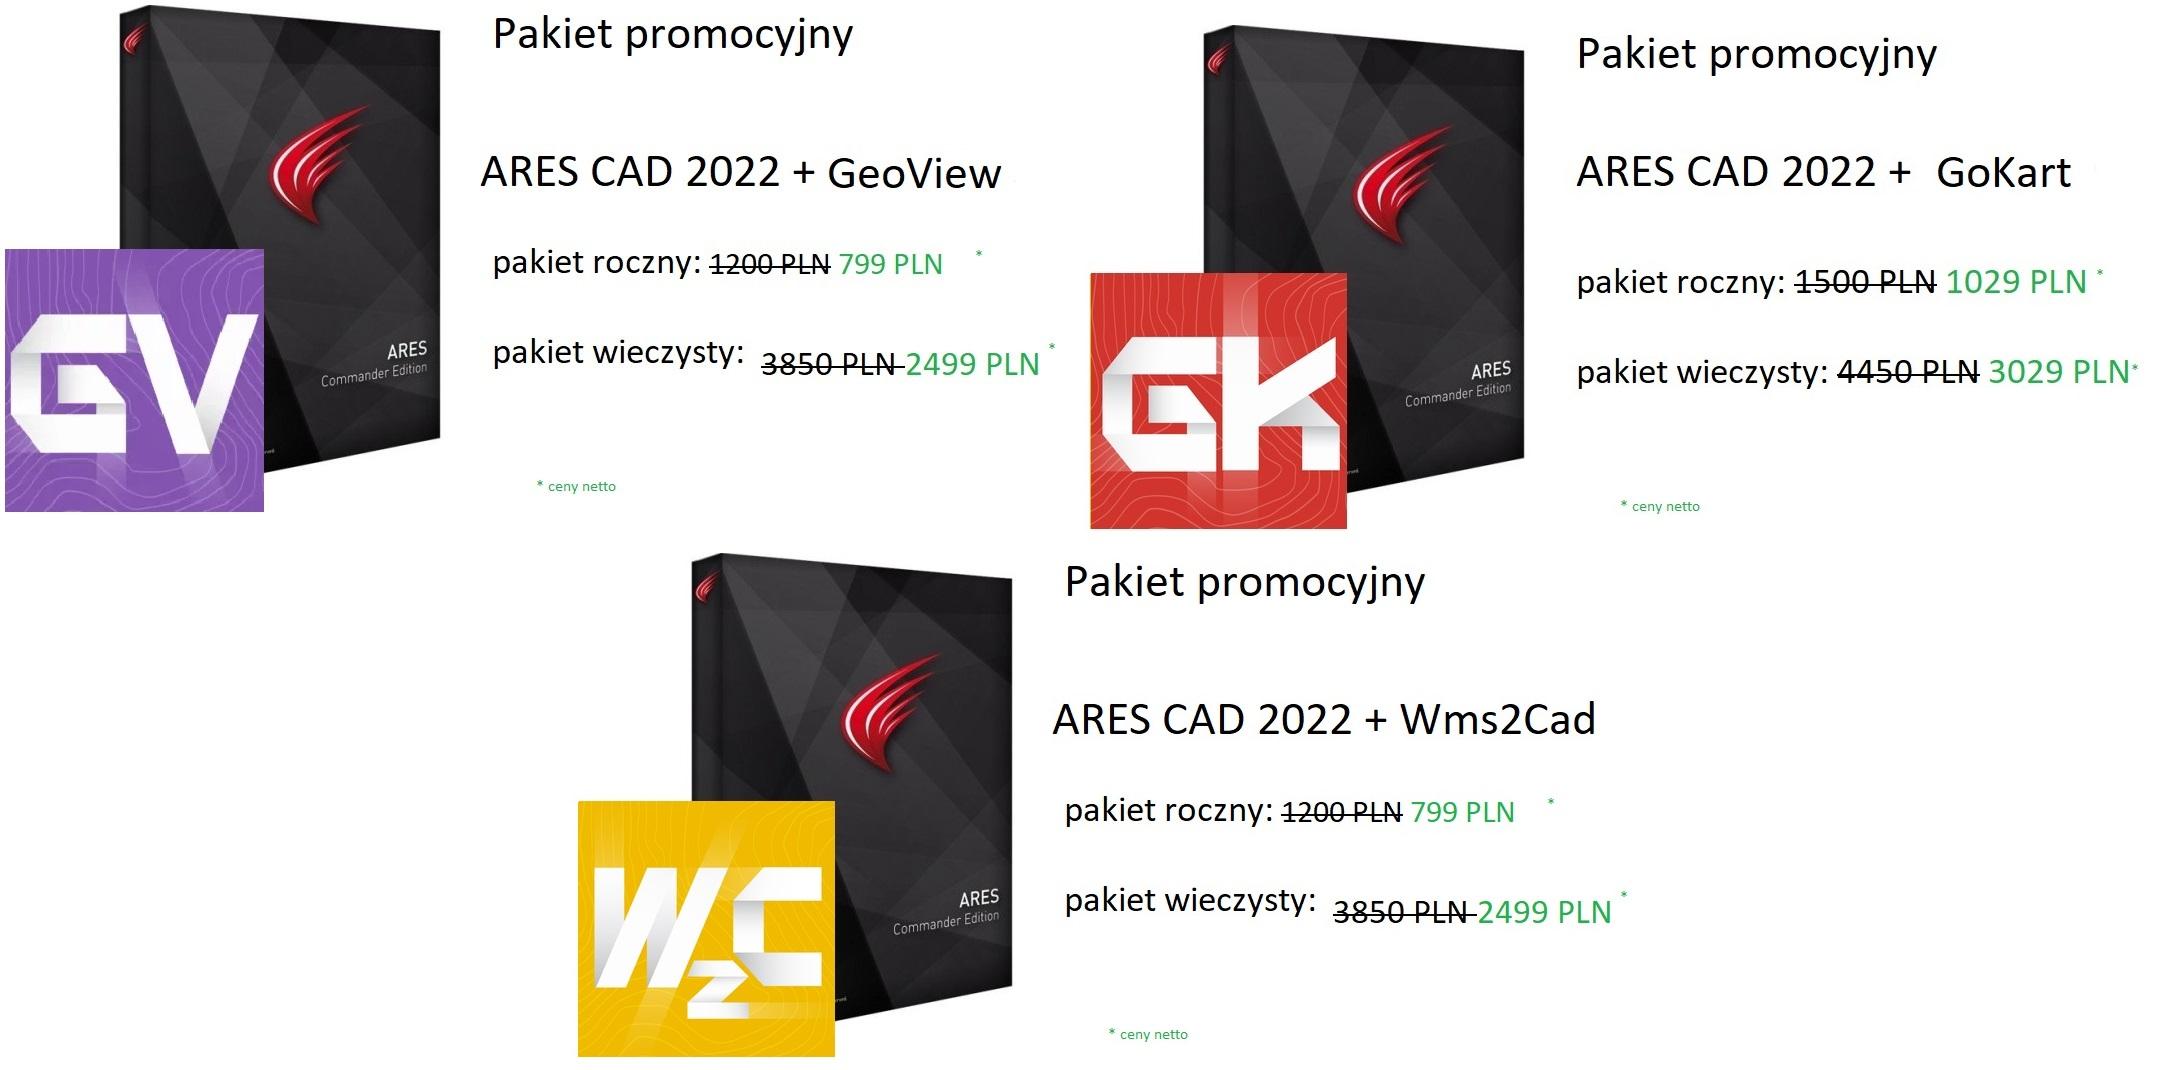 Ares Commander - ARES COMMANDER 2022 + NAKŁADKI GEODEZYJNE (GoKart, Wms2Cad lub GeoView) w promocyjnej cenie